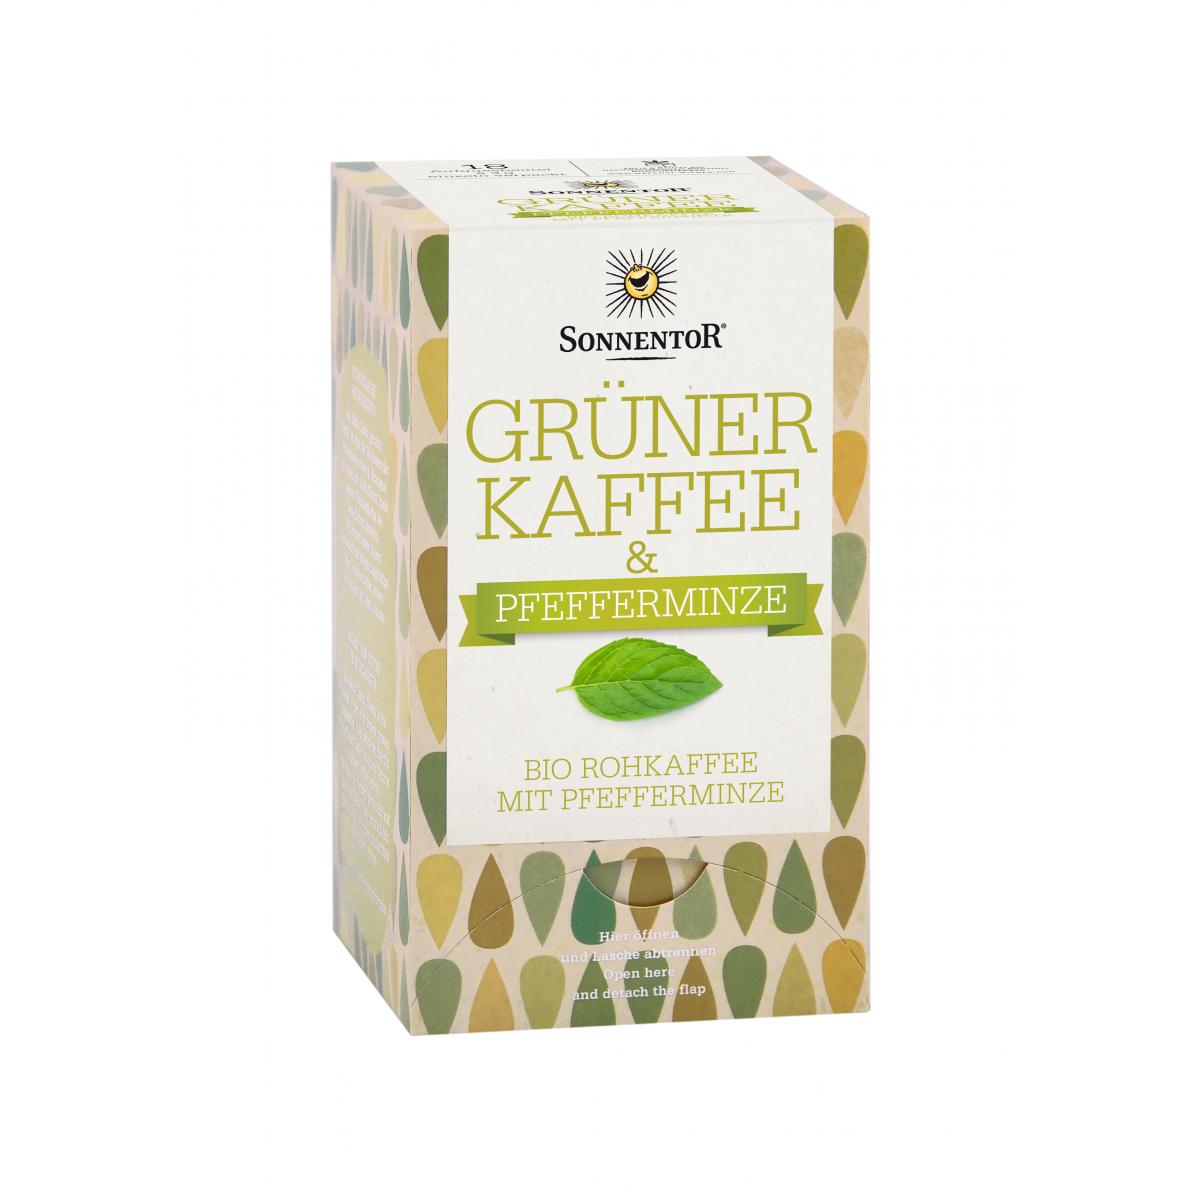 Grüner Kaffee mit Pfefferminze Sonnentor